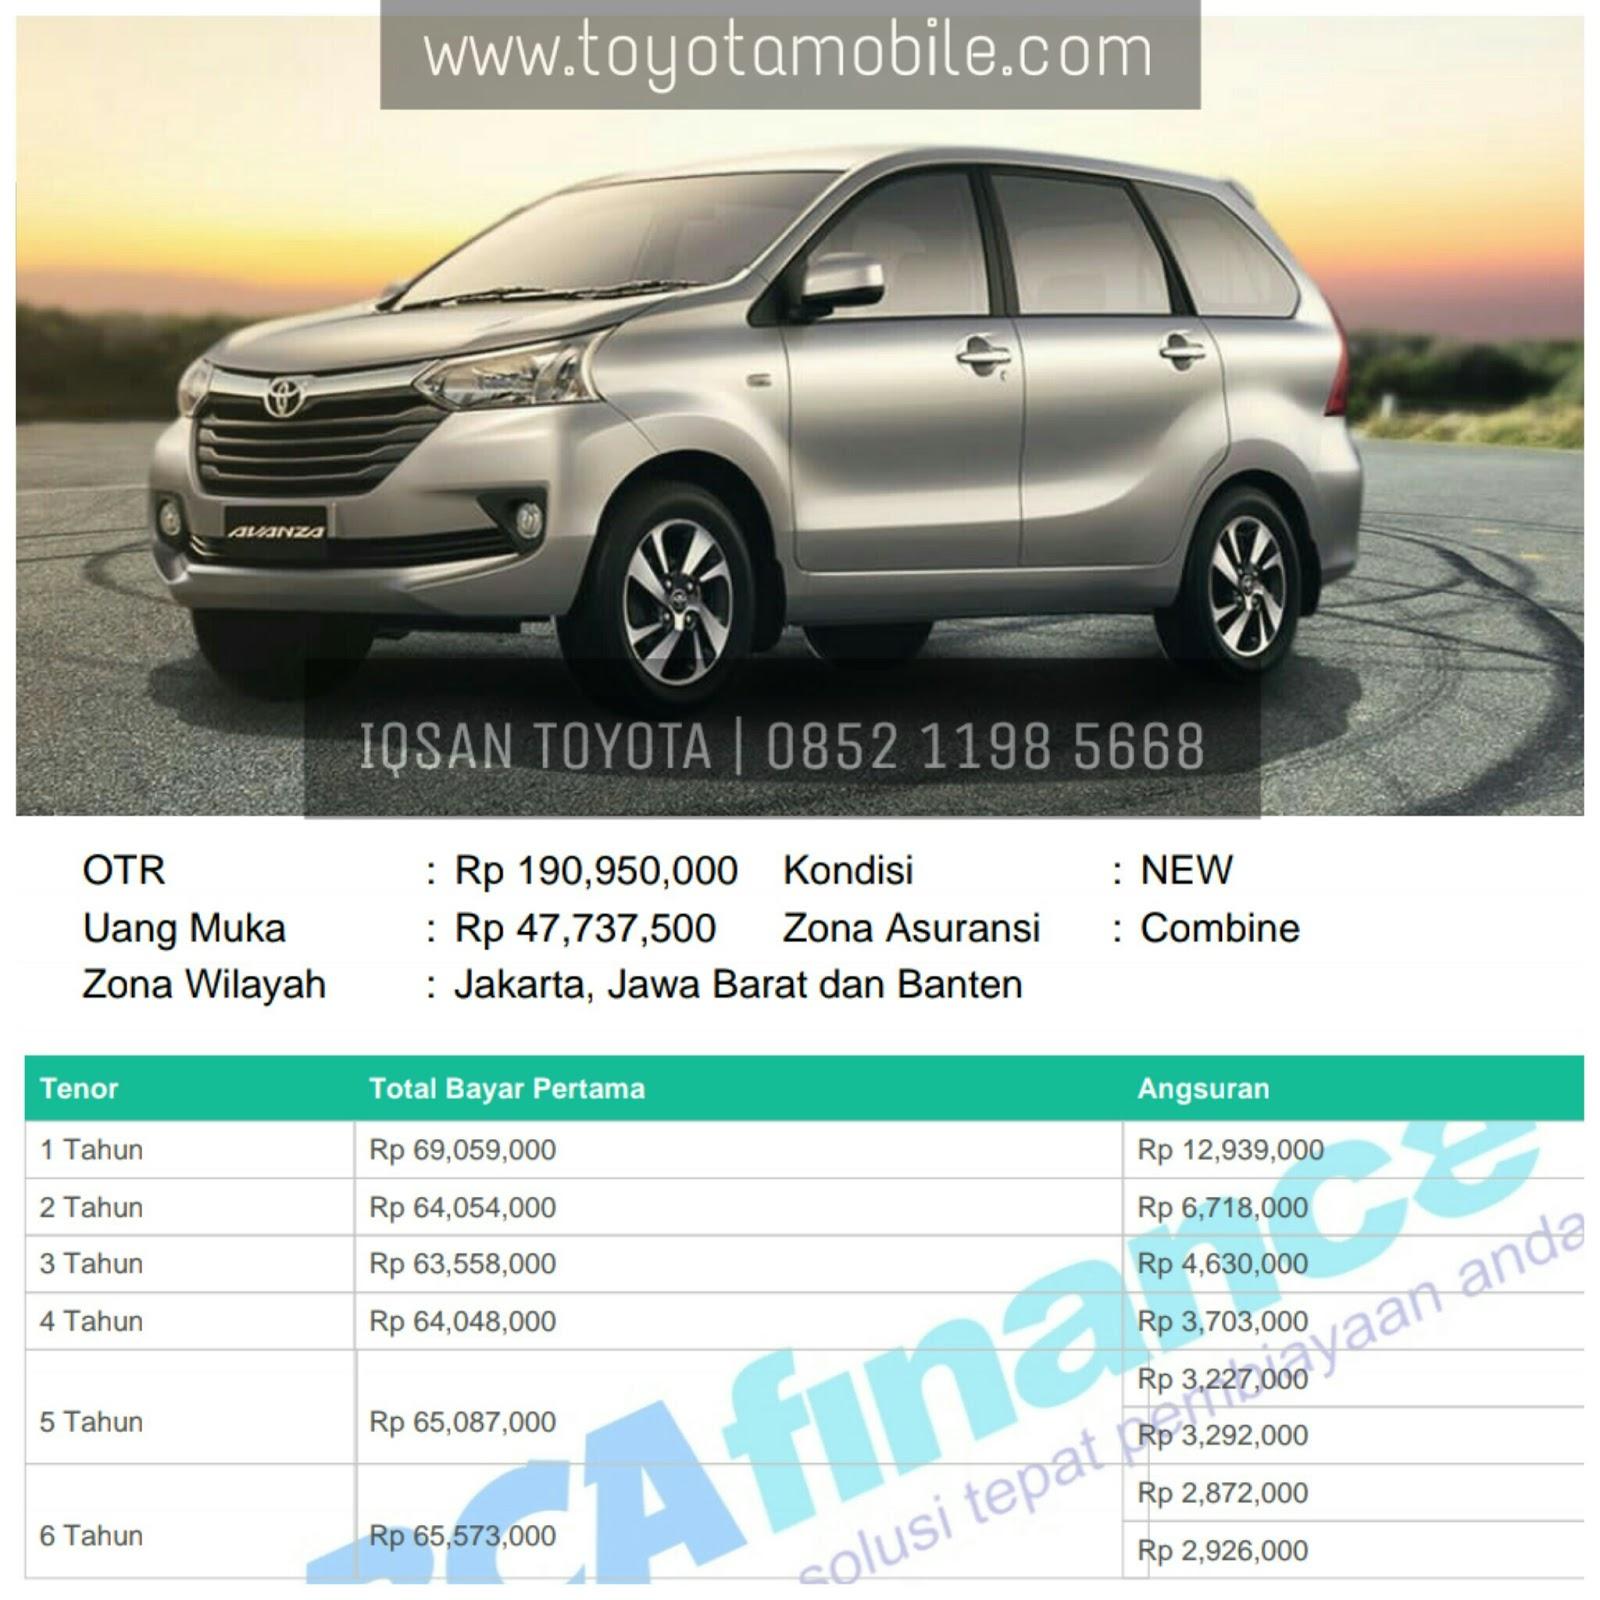 Spek Grand New Avanza 2018 Harga All Innova Venturer Promo Toyota Tangerang